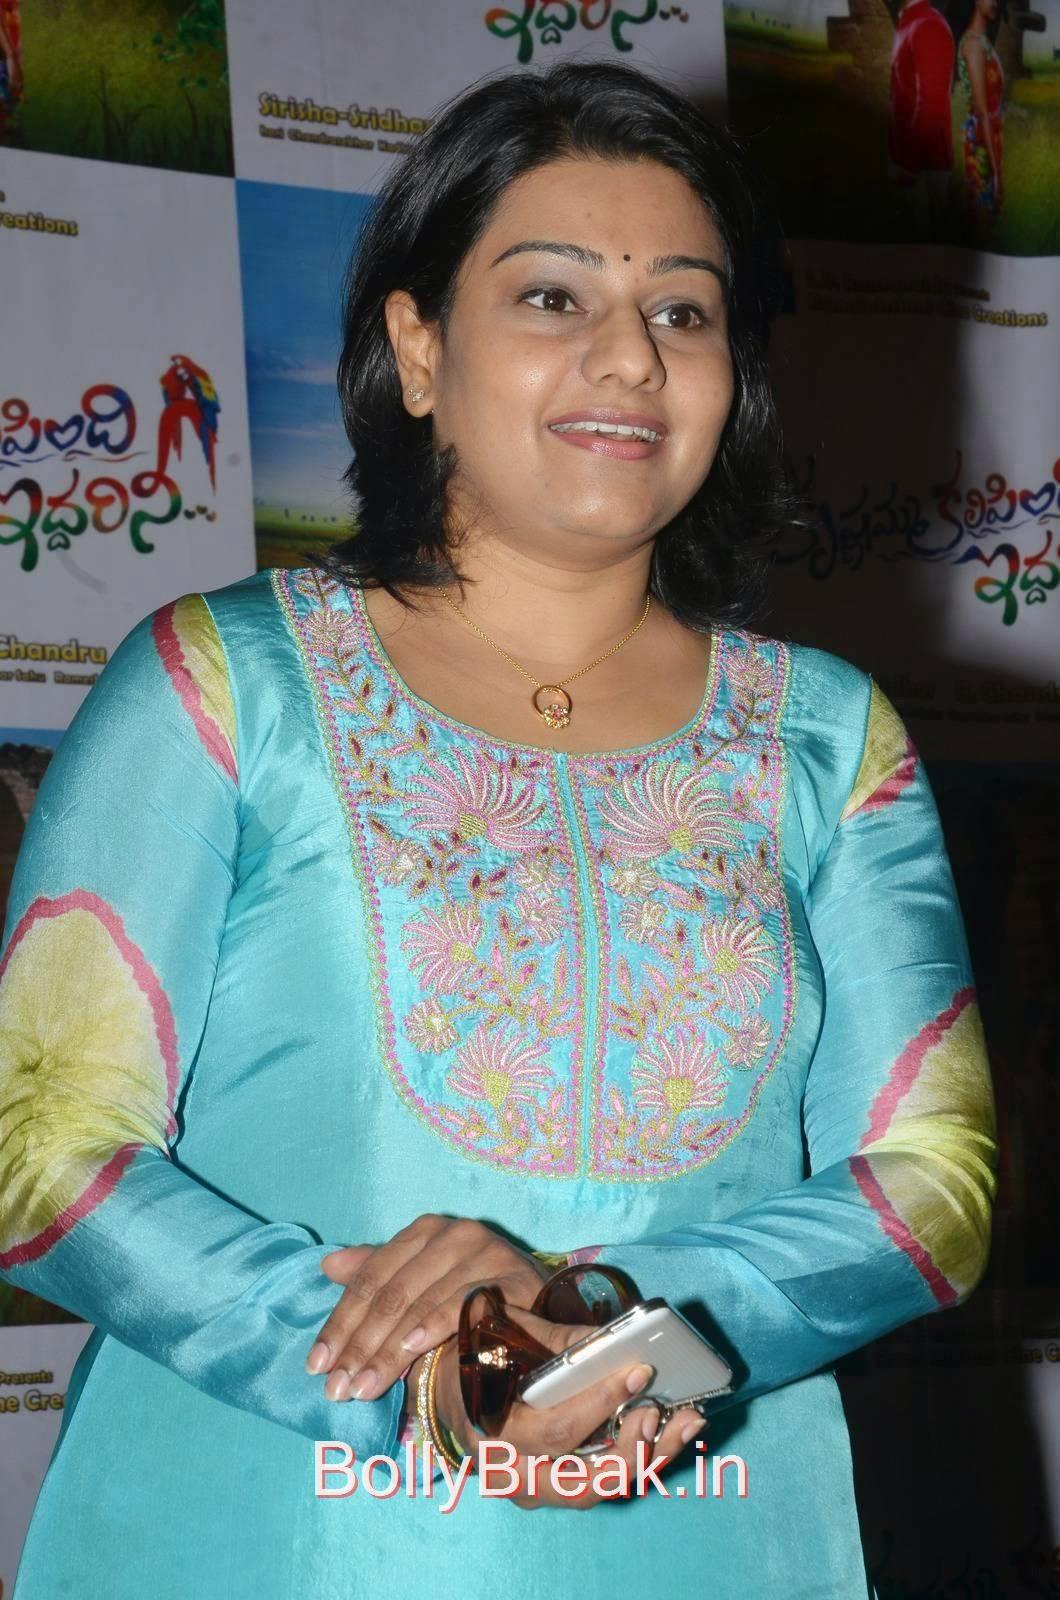 High Quality Lagadapati Sirisha Sridhar Pics, Hot HD Images Of Lagadapati Sirisha Sridhar  In Blue Dress At Krishnamma Kalipindi Iddarini Press Meet